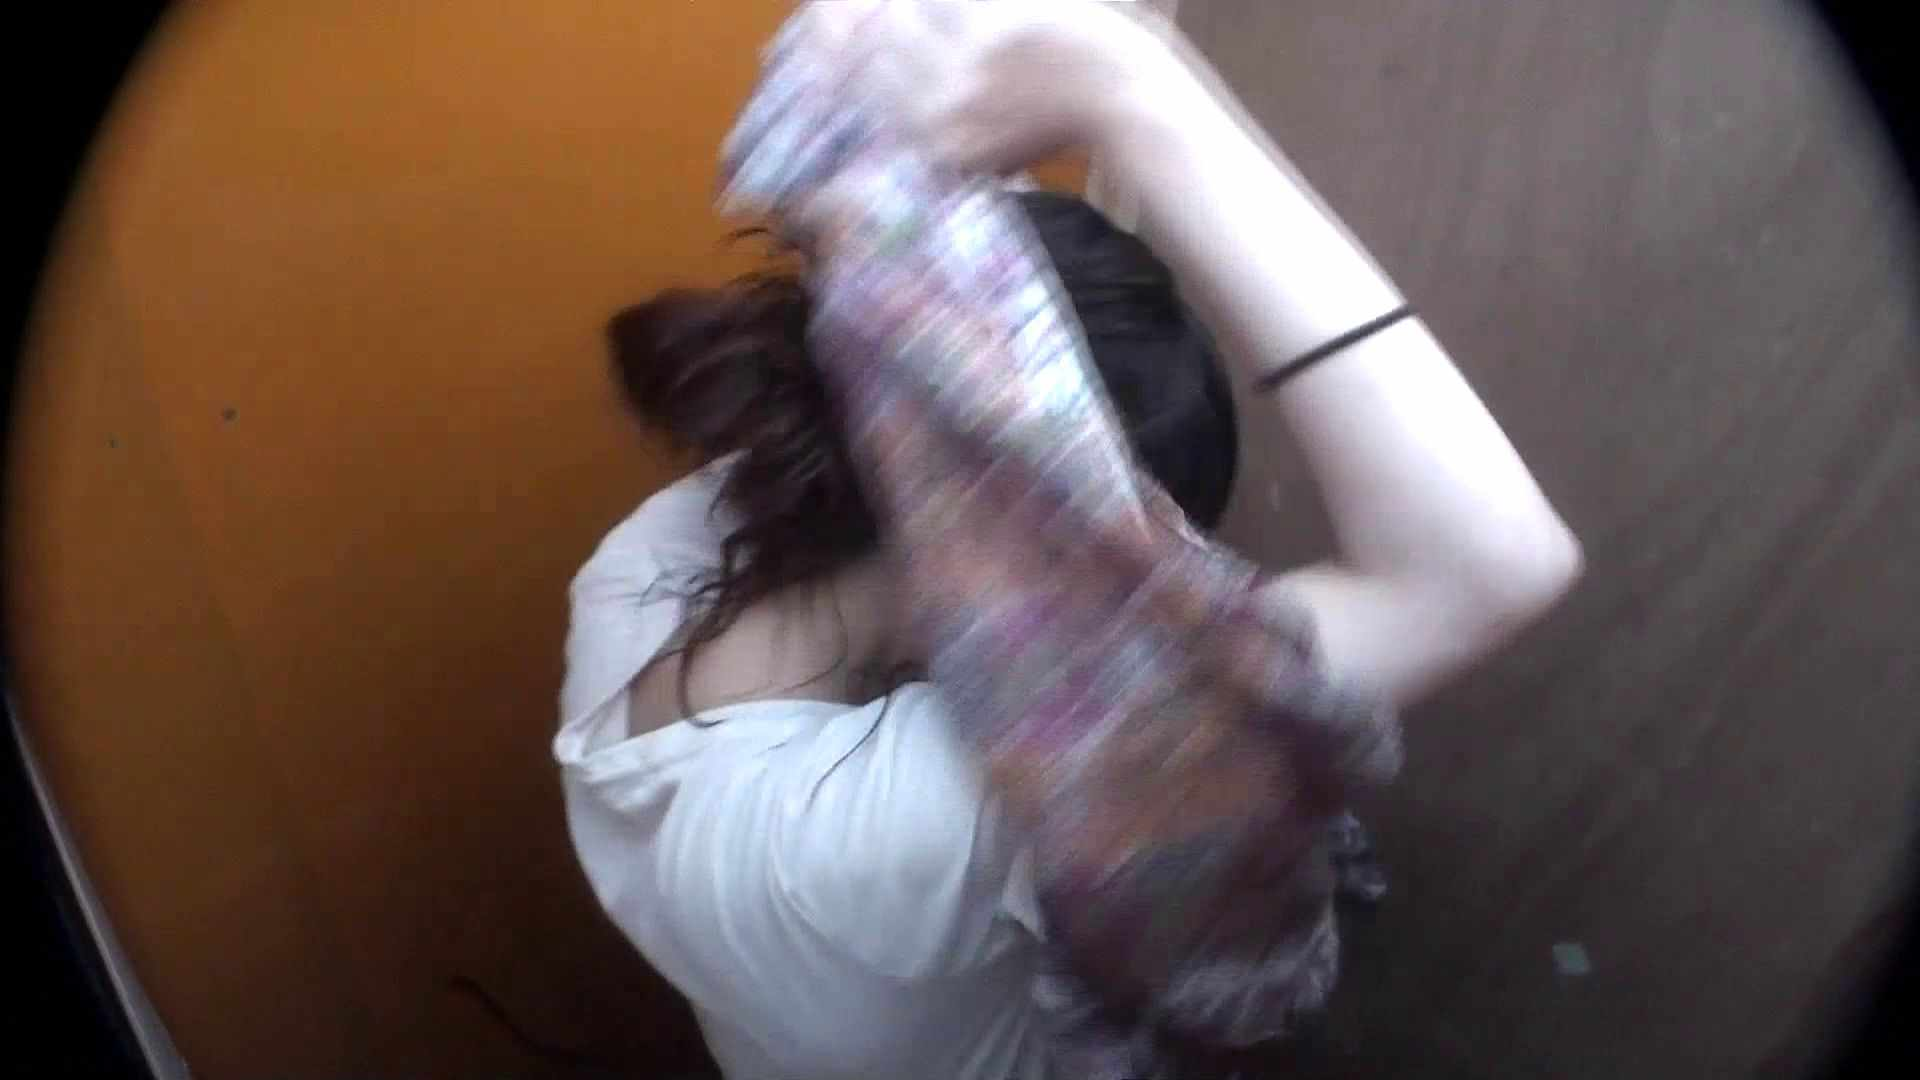 シャワールームは超!!危険な香りVol.29 こっちを向いて欲しい貧乳姉さん OLセックス  69画像 12